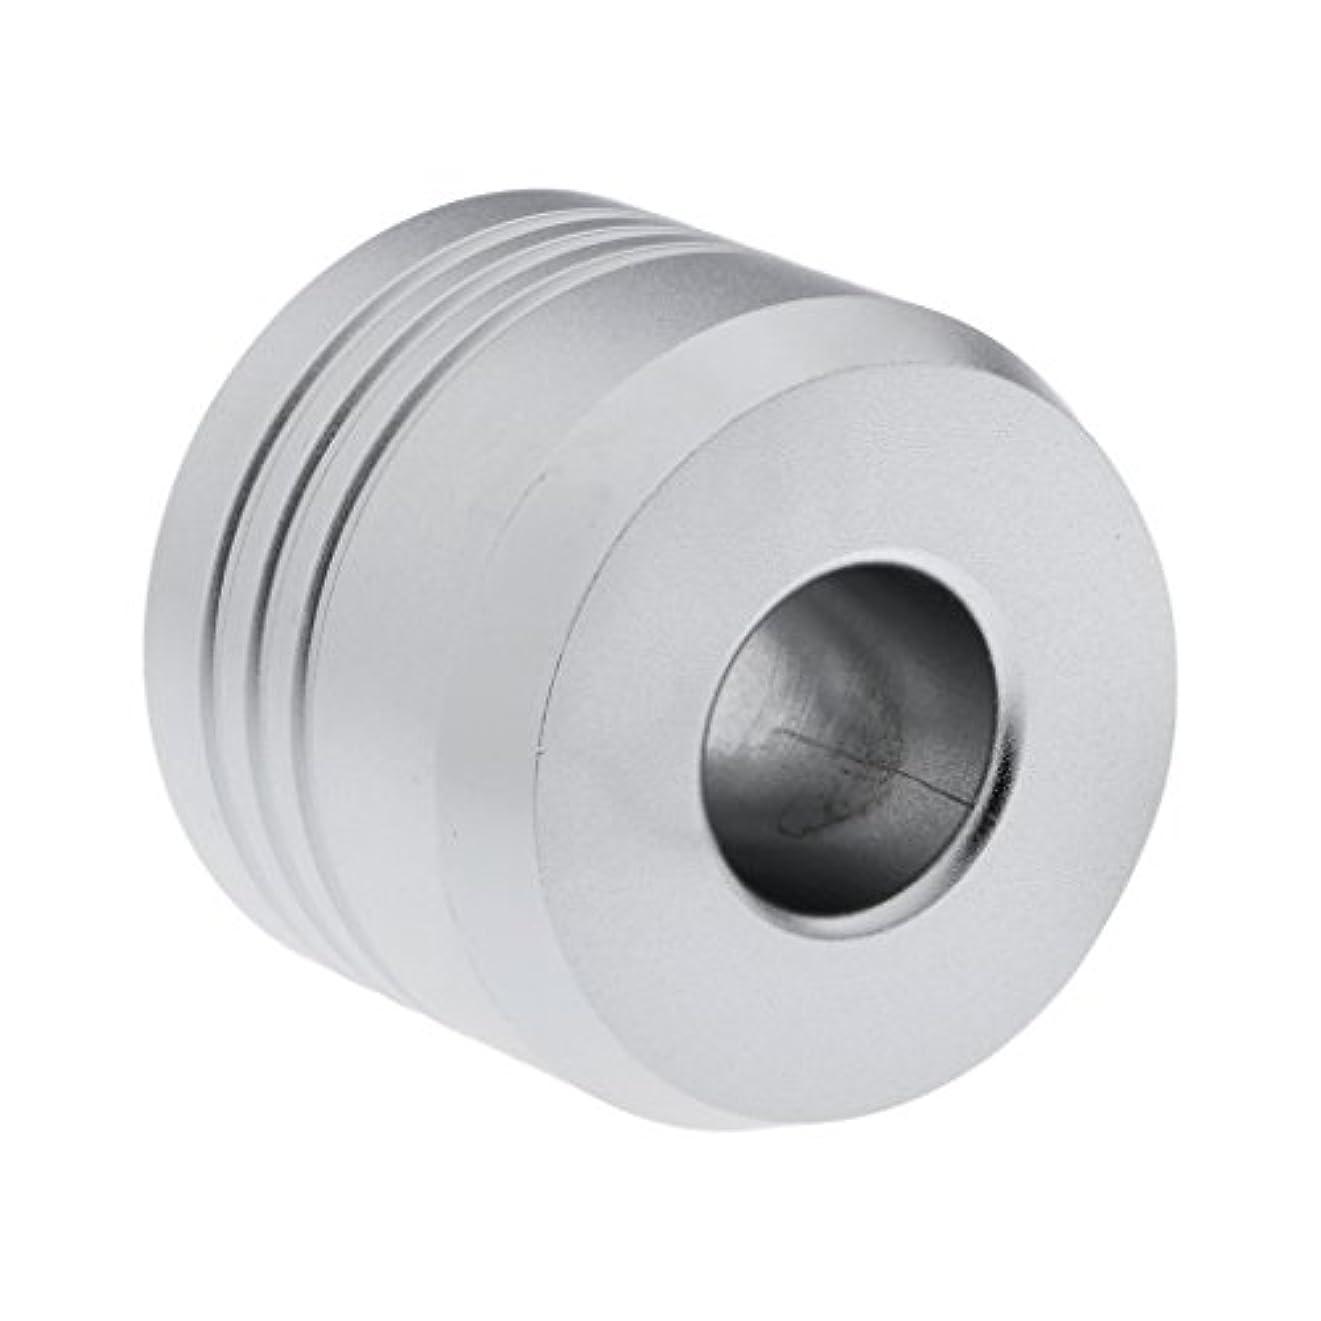 マキシム先行するジェットHomyl カミソリスタンド スタンド シェービング カミソリホルダー ベース サポート 調節可 ミニサイズ デザイン 場所を節約 2色選べ   - 銀